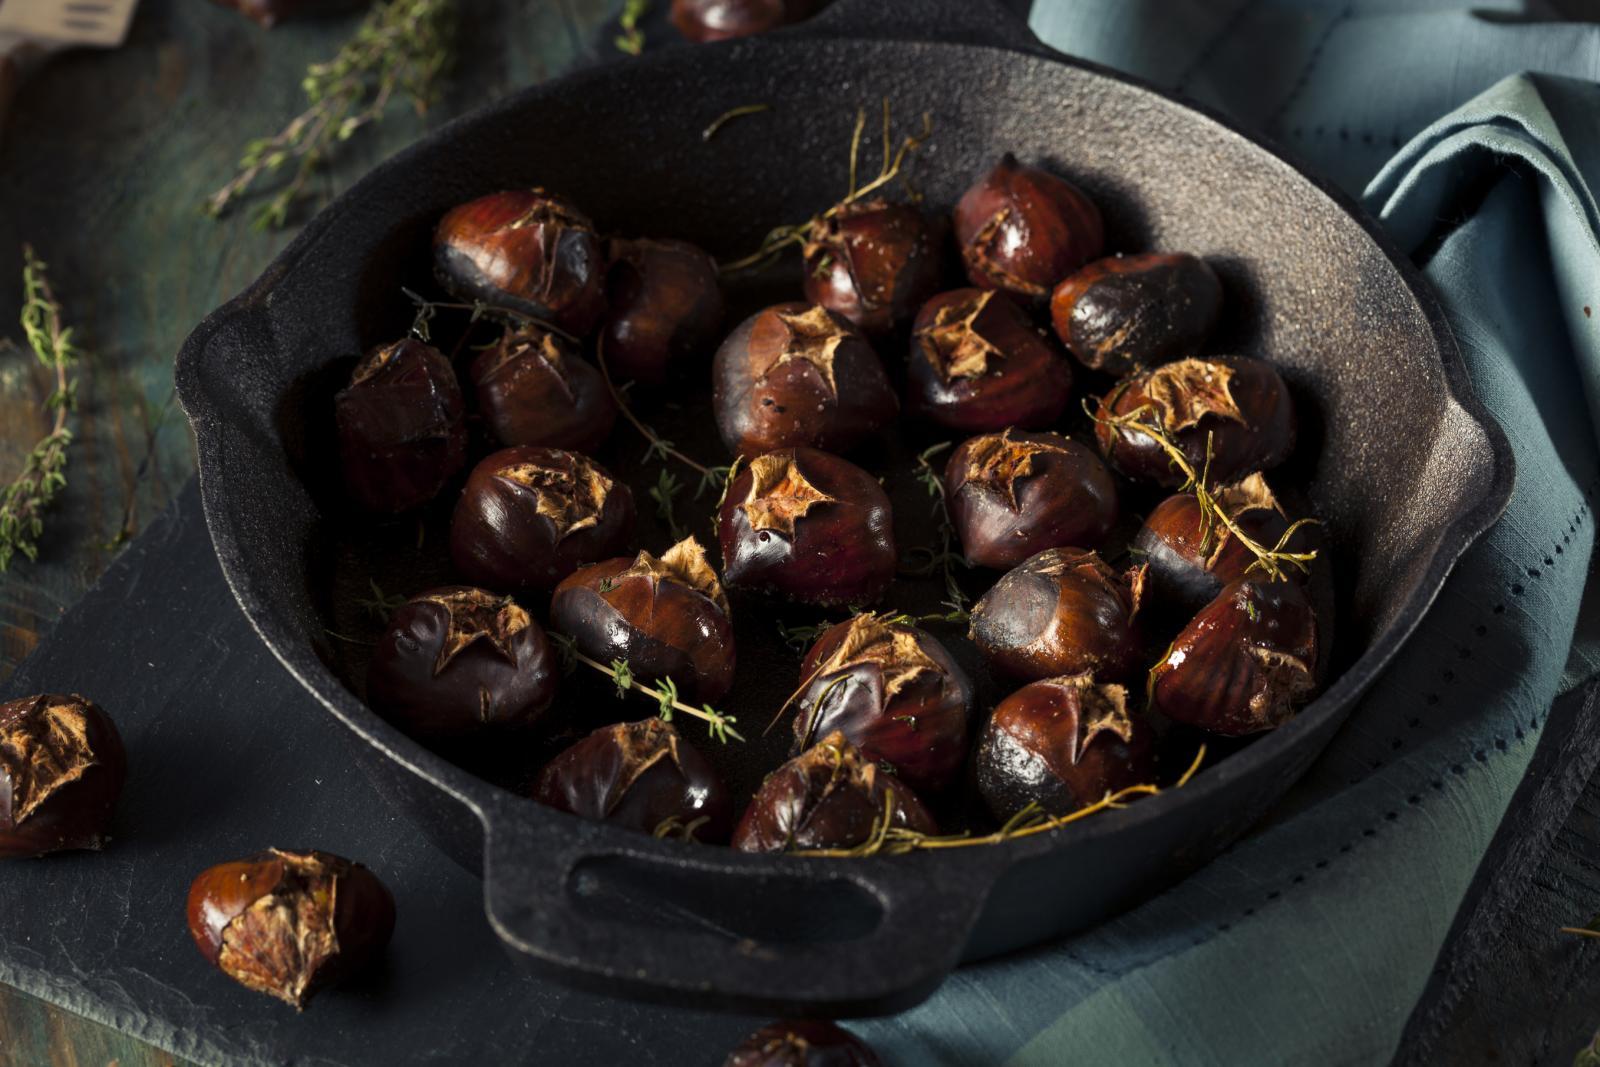 Konzumiranje ovih plodova idealan je način za povrat energije nakon tjelesnog napora.